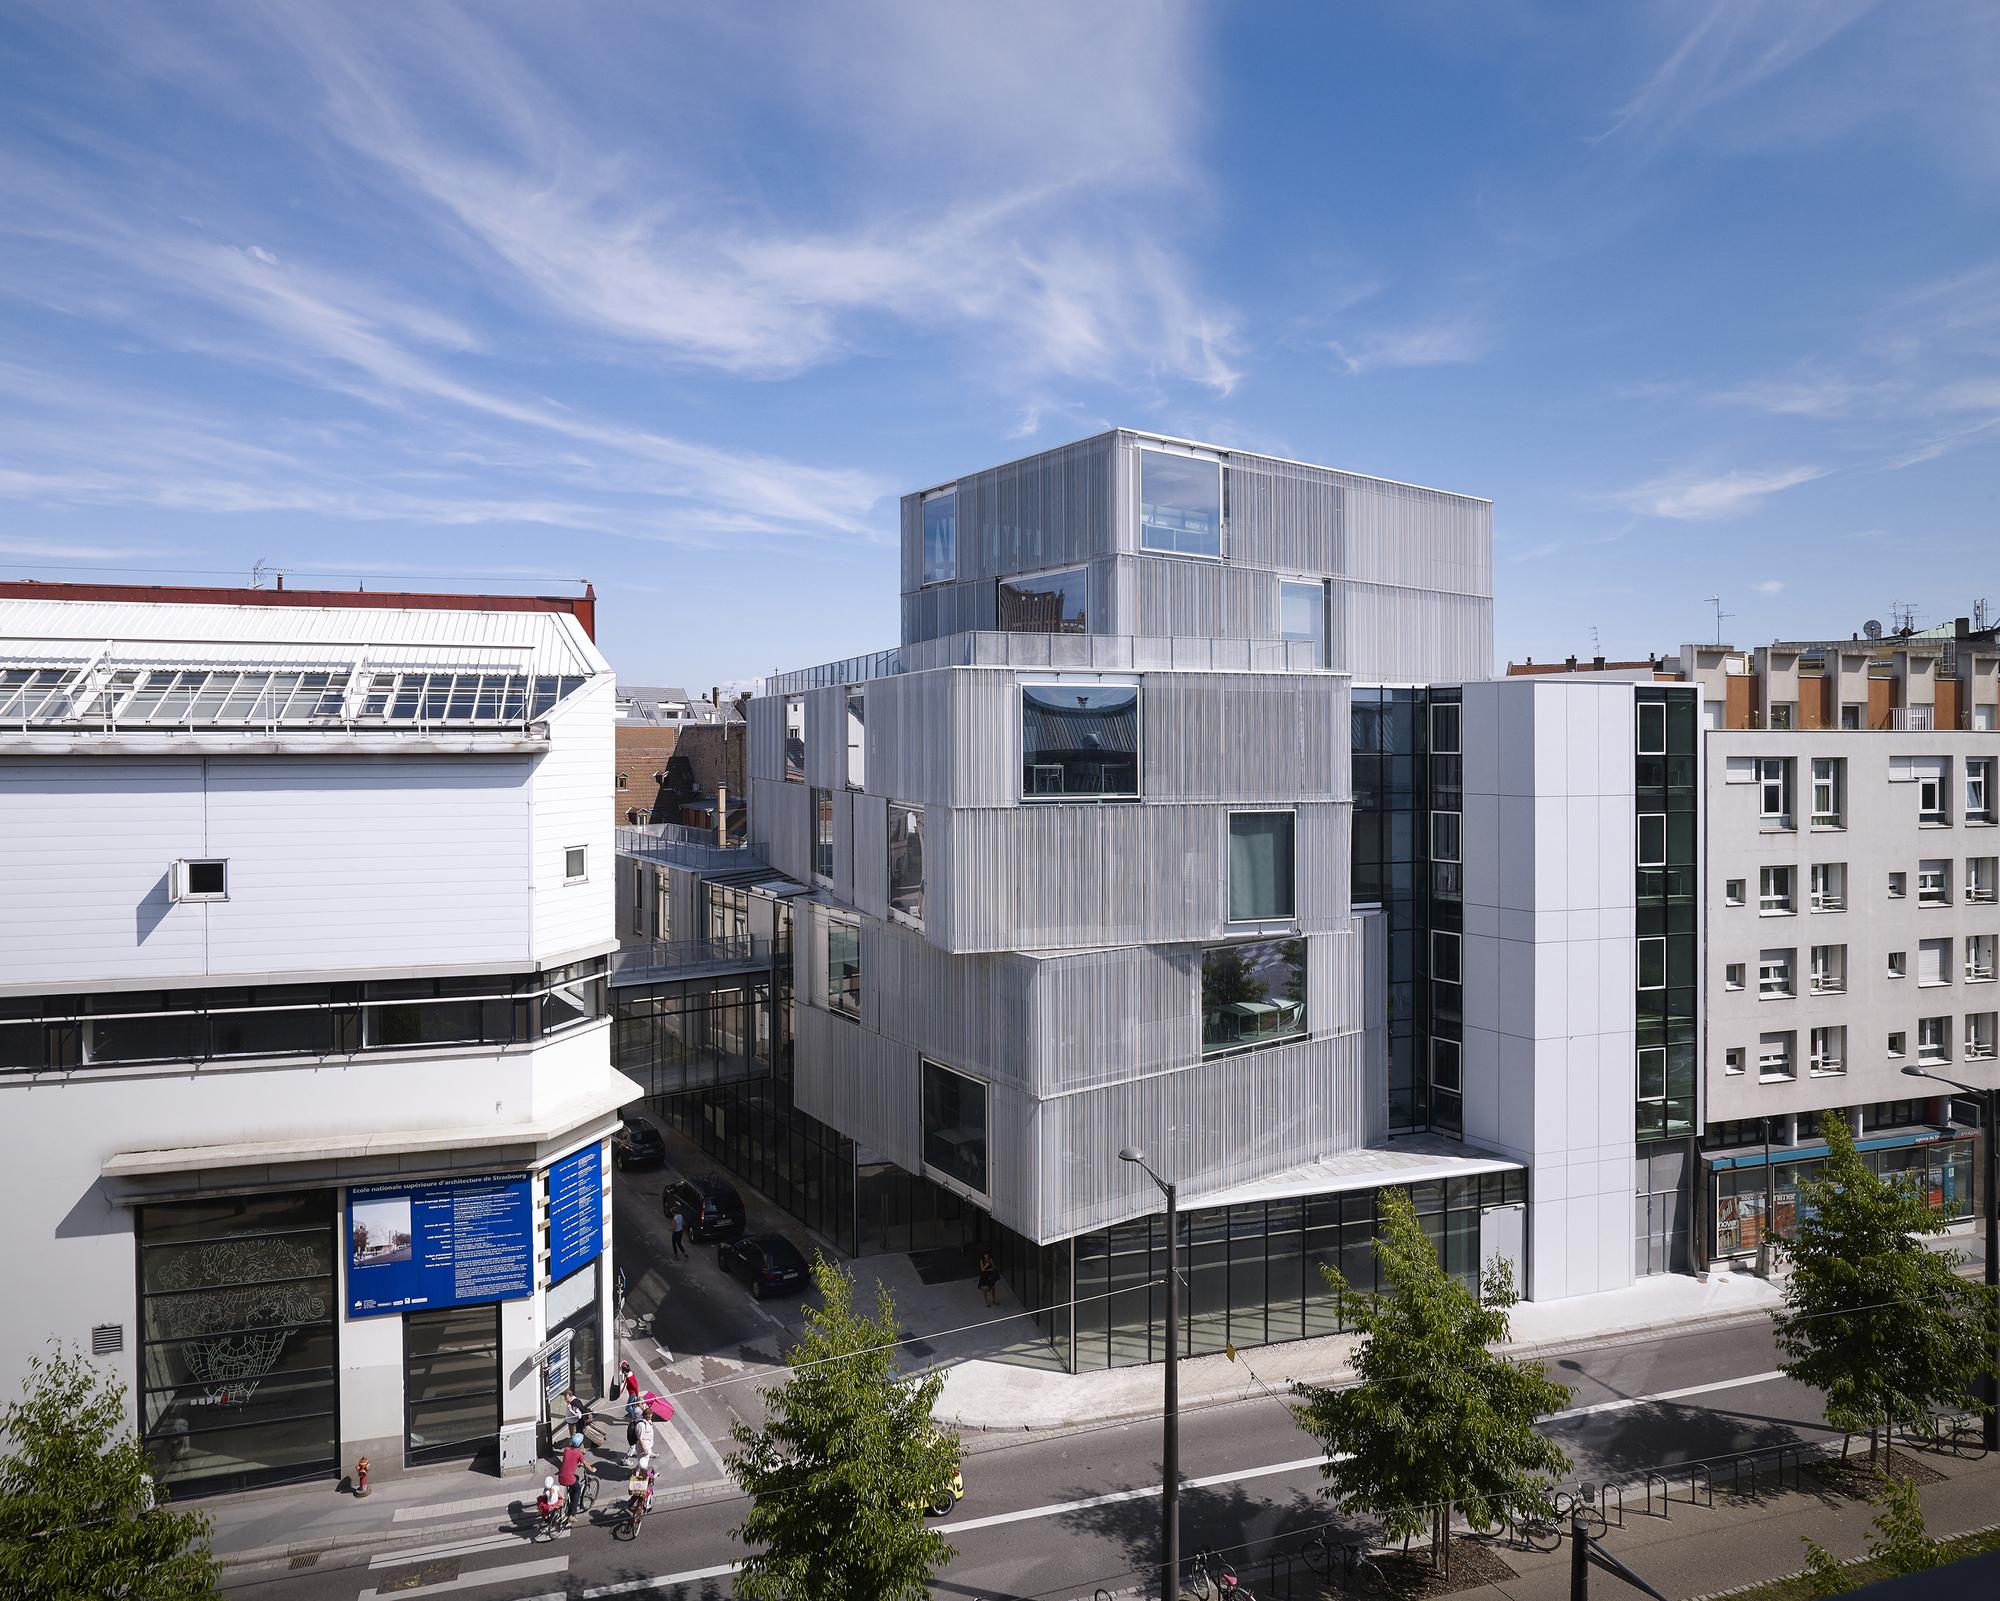 Escuela de arquitectura de estrasburgo marc mimram for Facultad arquitectura